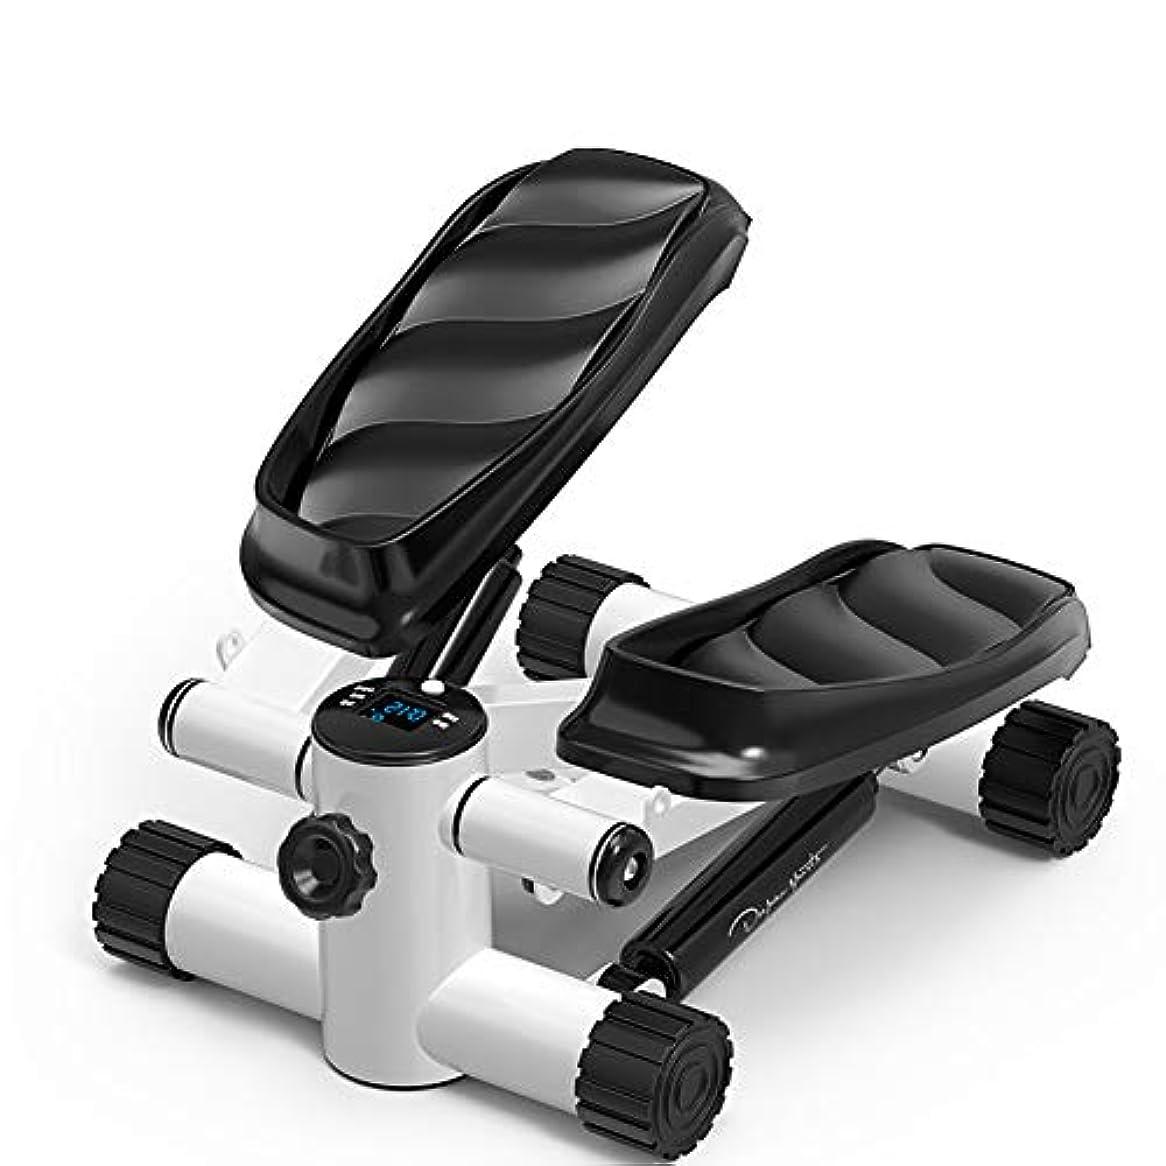 可決世界的に回転するコンパクト 有酸素運動 運動器具,ミニフィットネス 踏み台昇降運動 女性向け,ポータブル ツイストステッパー ホームワークアウトのためのマシン